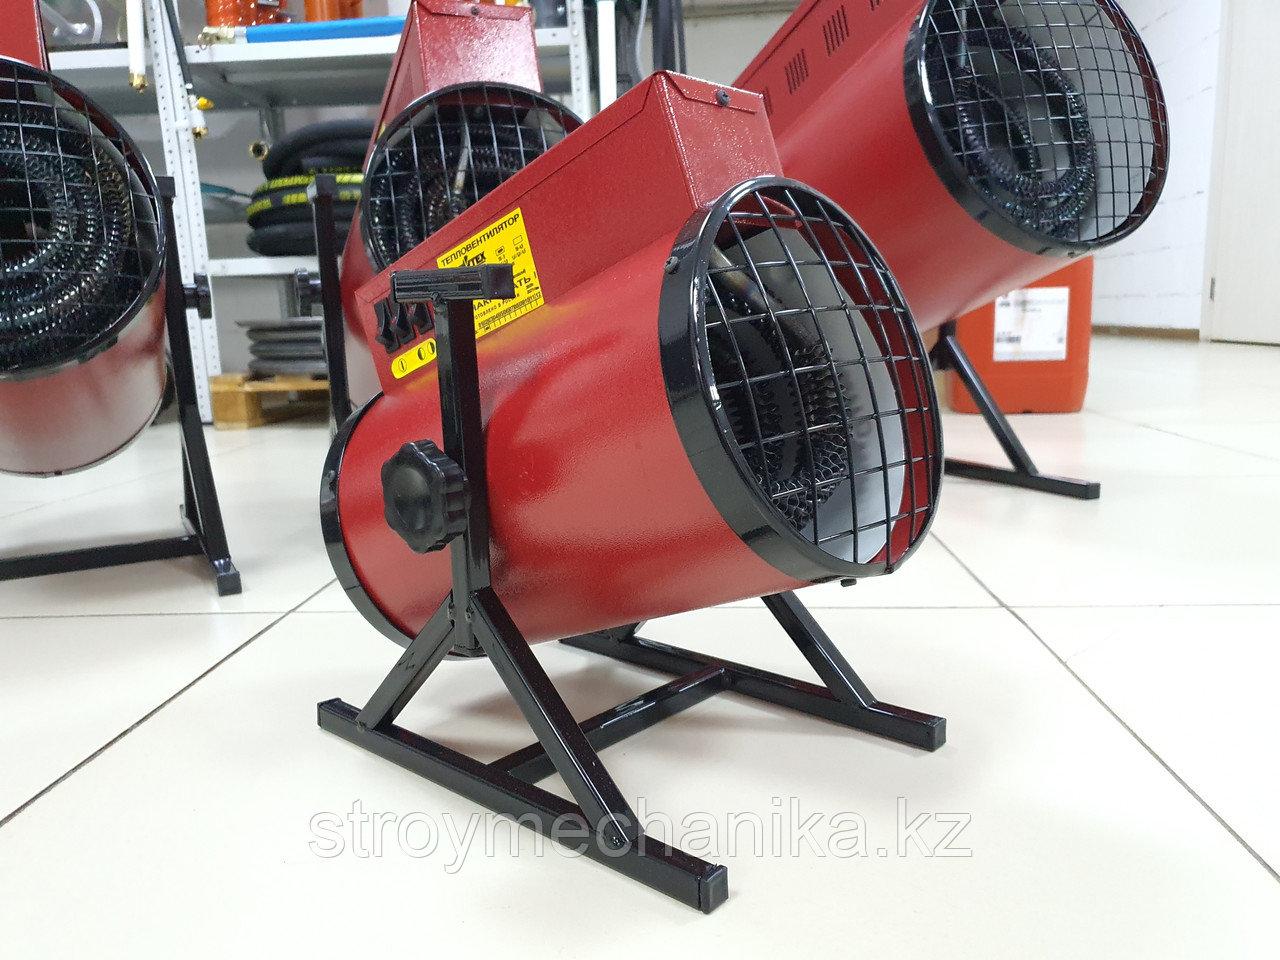 Тепловентилятор ТВ-12П (12 кВт)